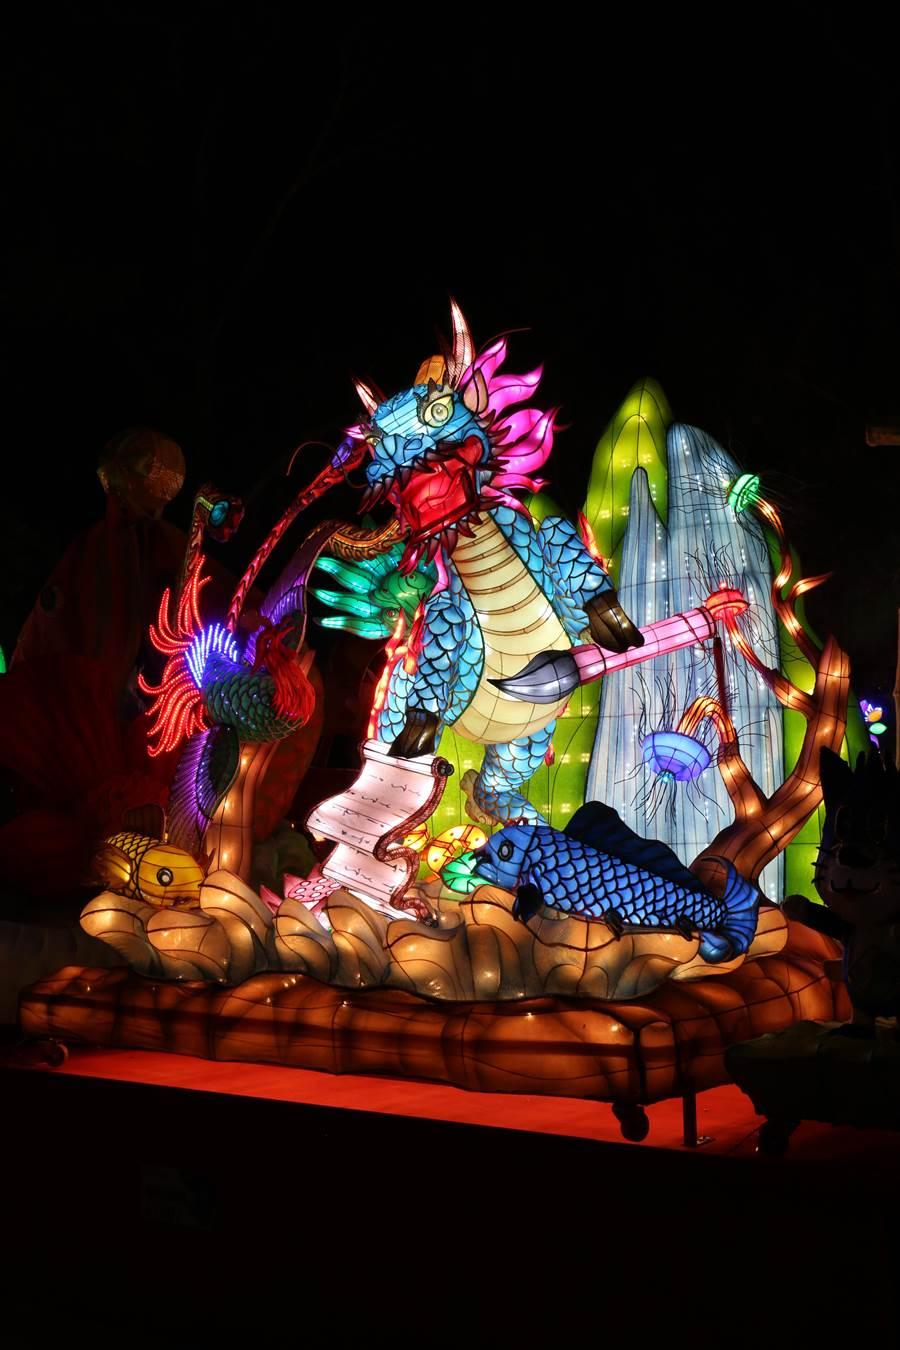 【特優作品介紹】這座「鳳麟天下護山河」的花燈,以中國古代傳說中之神獸「麒麟」與「鳳凰」為設計主要架構,有神獸降臨、威震四方、守護大地之寓意,大氣磅礡,將現代燈藝技法完美呈現。(台中市政府教育局提供/陳世宗台中傳真)